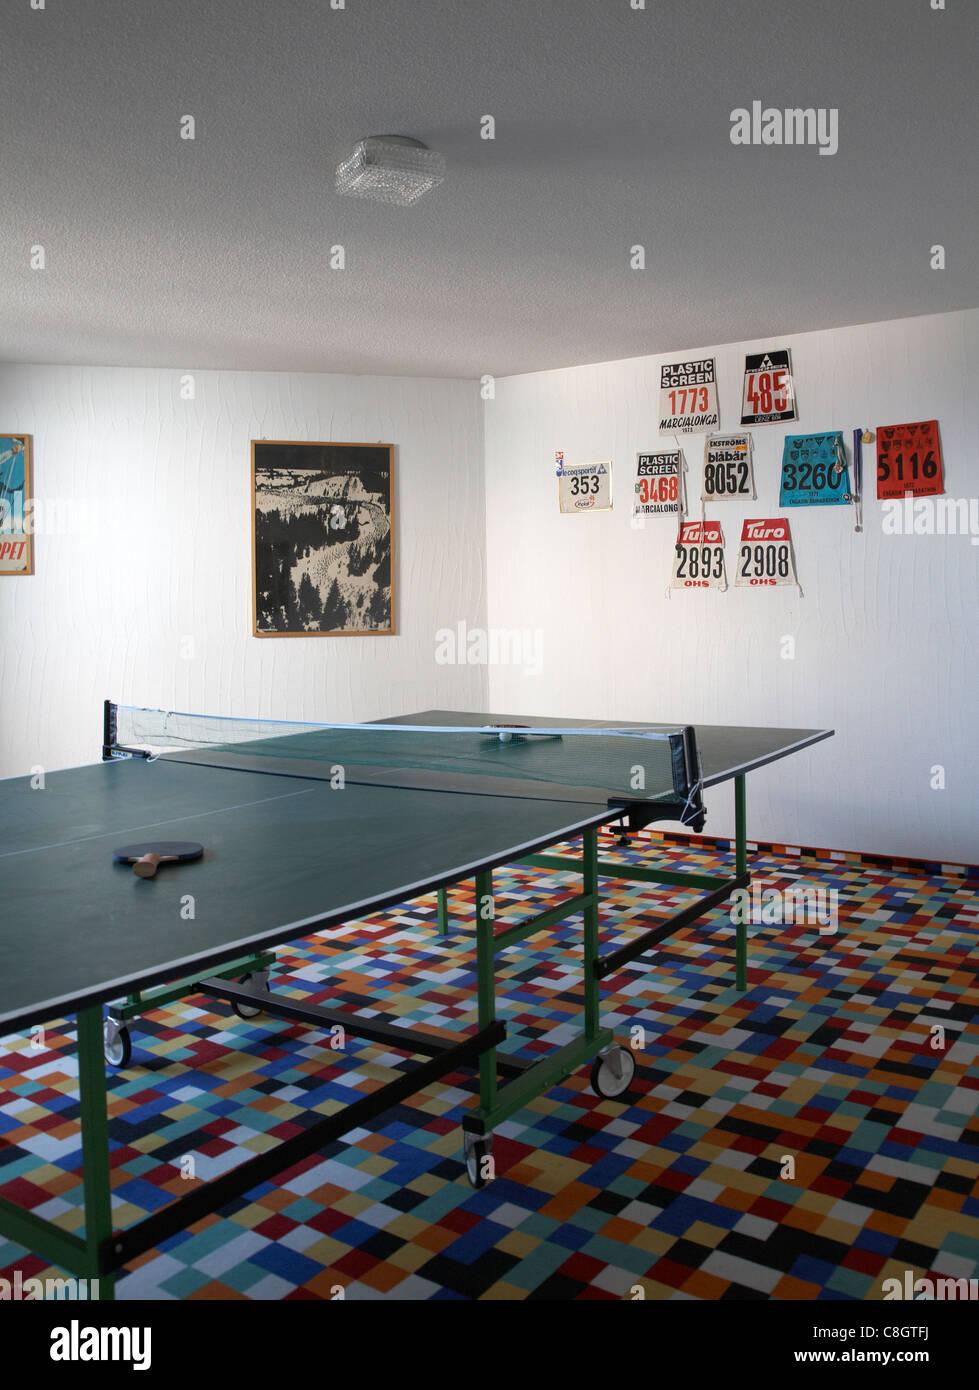 Interno con tavolo da ping pong con racchette Immagini Stock